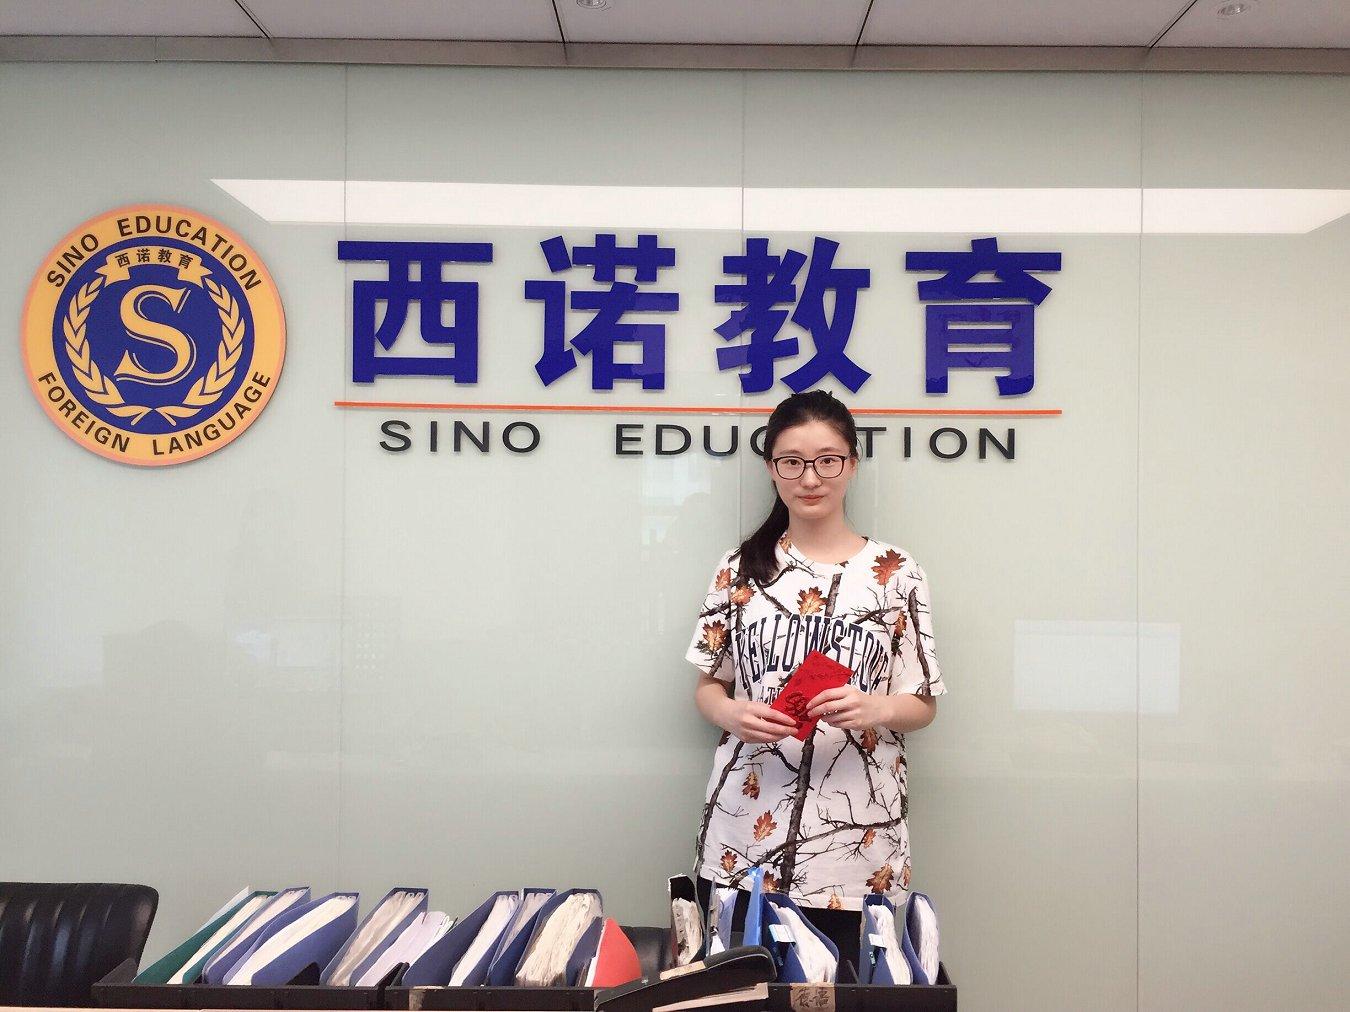 王韵涵:N2︱学习语言其实是在学习和接受一种新的文化